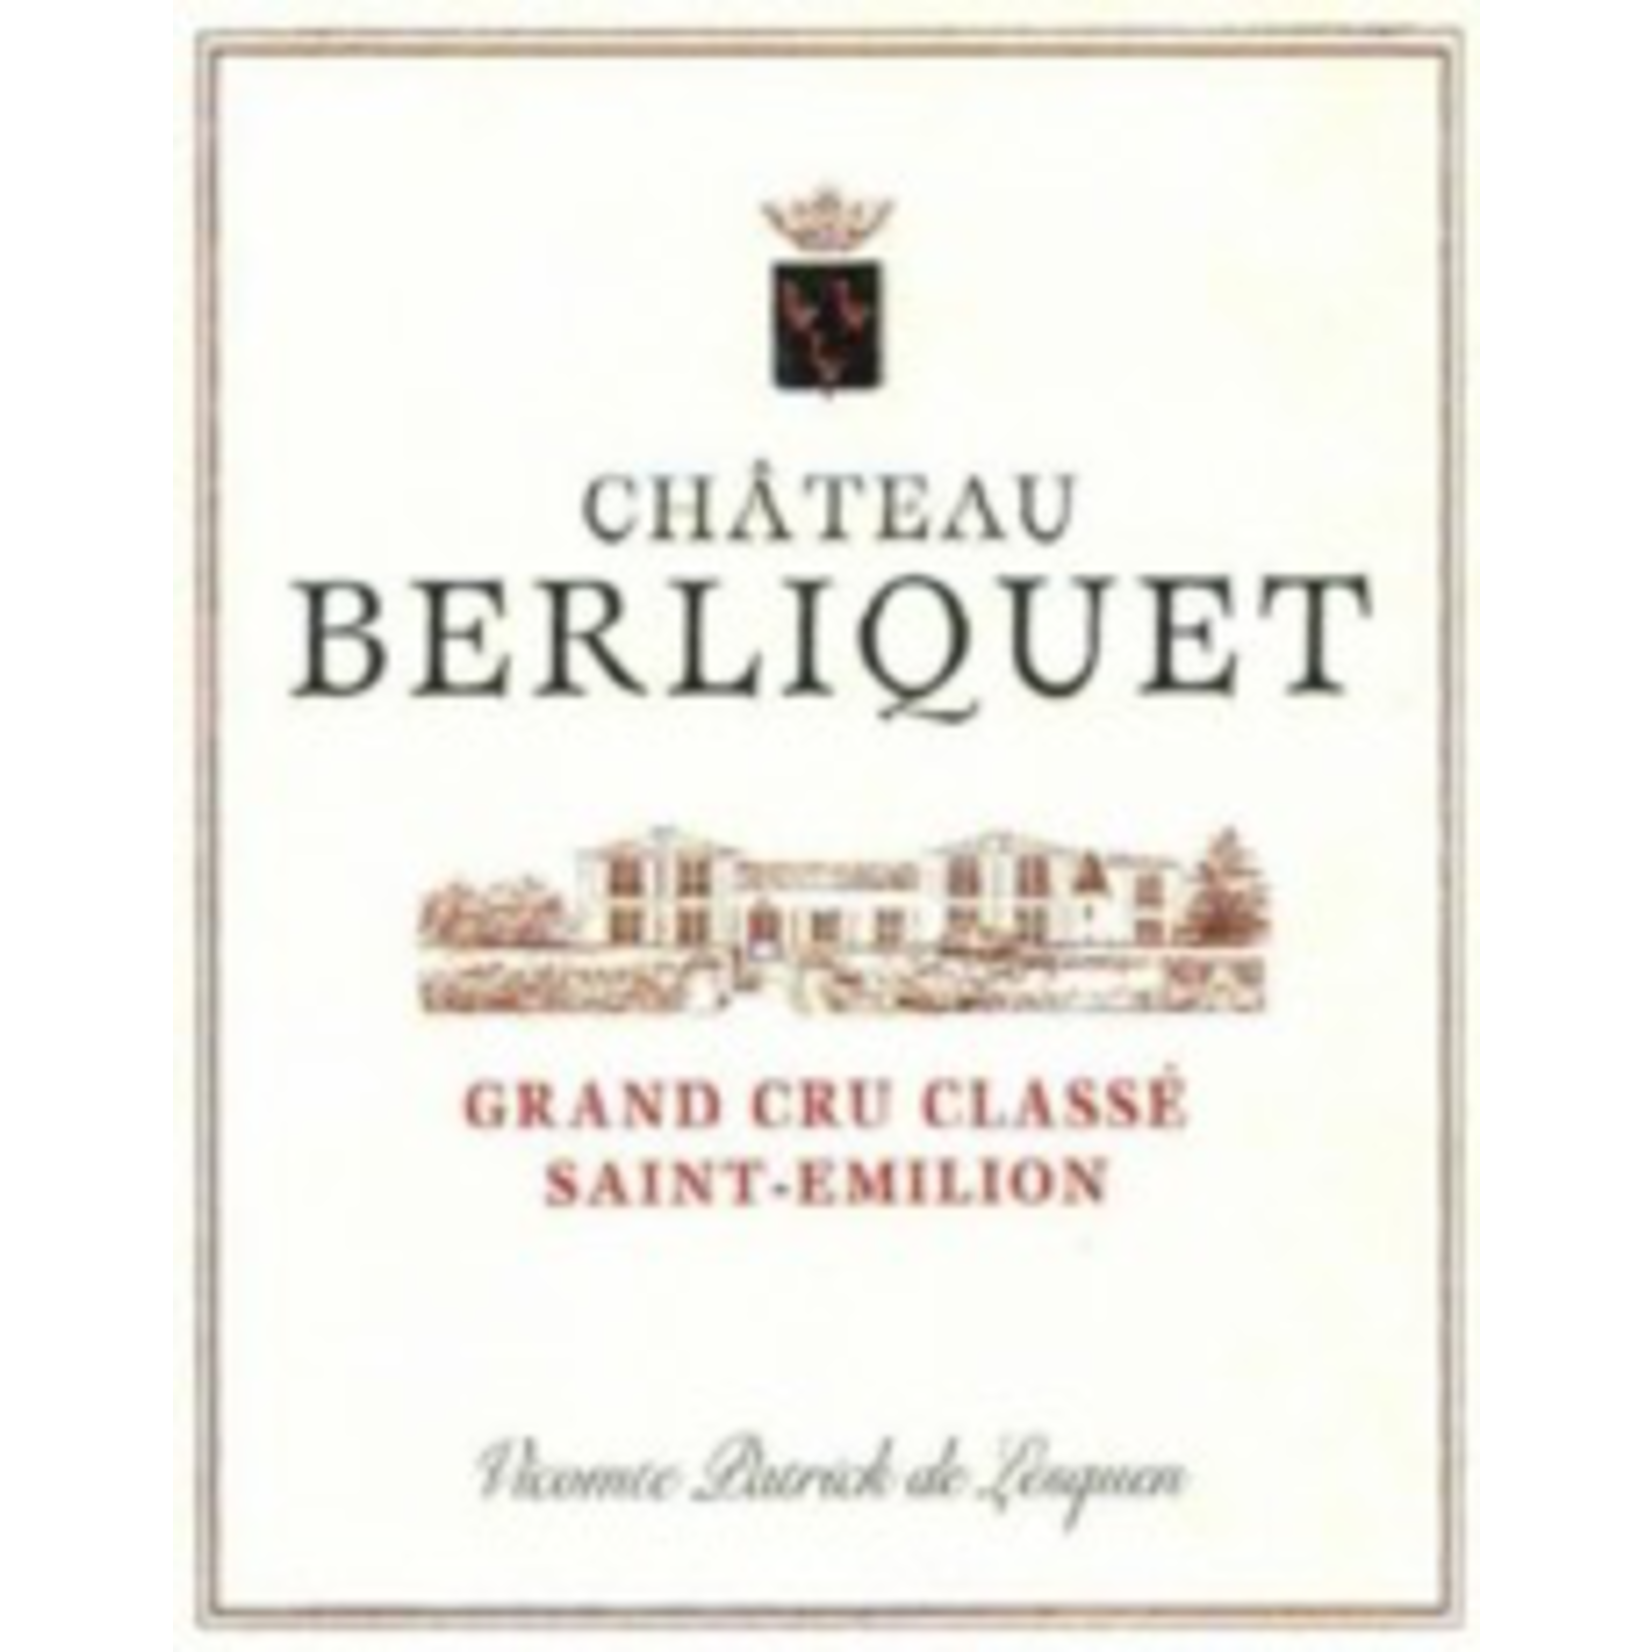 Wine Chateau Berliquet 2015